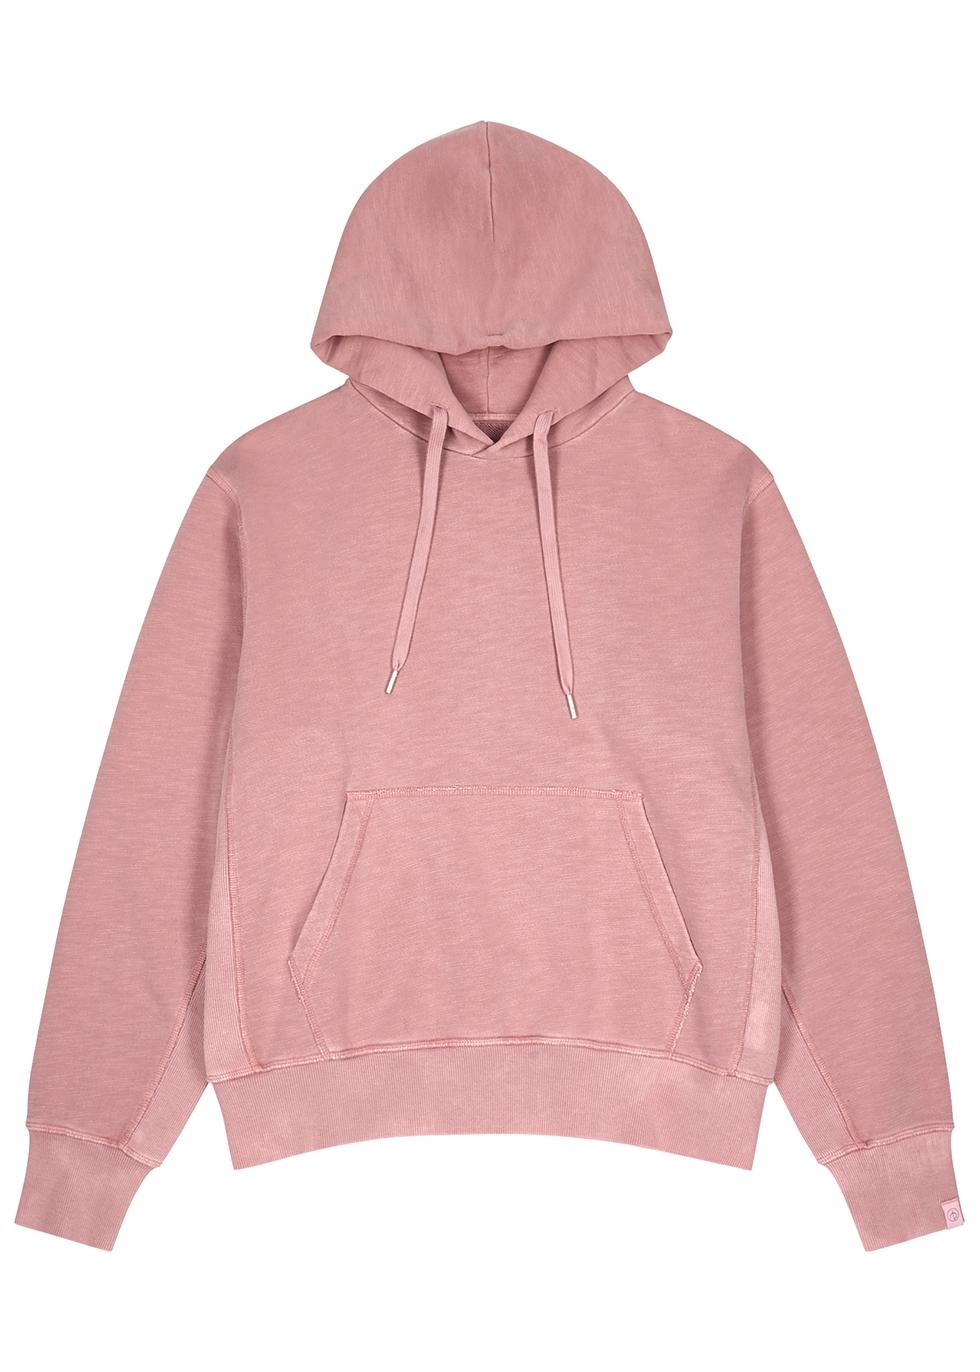 Damon pink hooded cotton sweatshirt